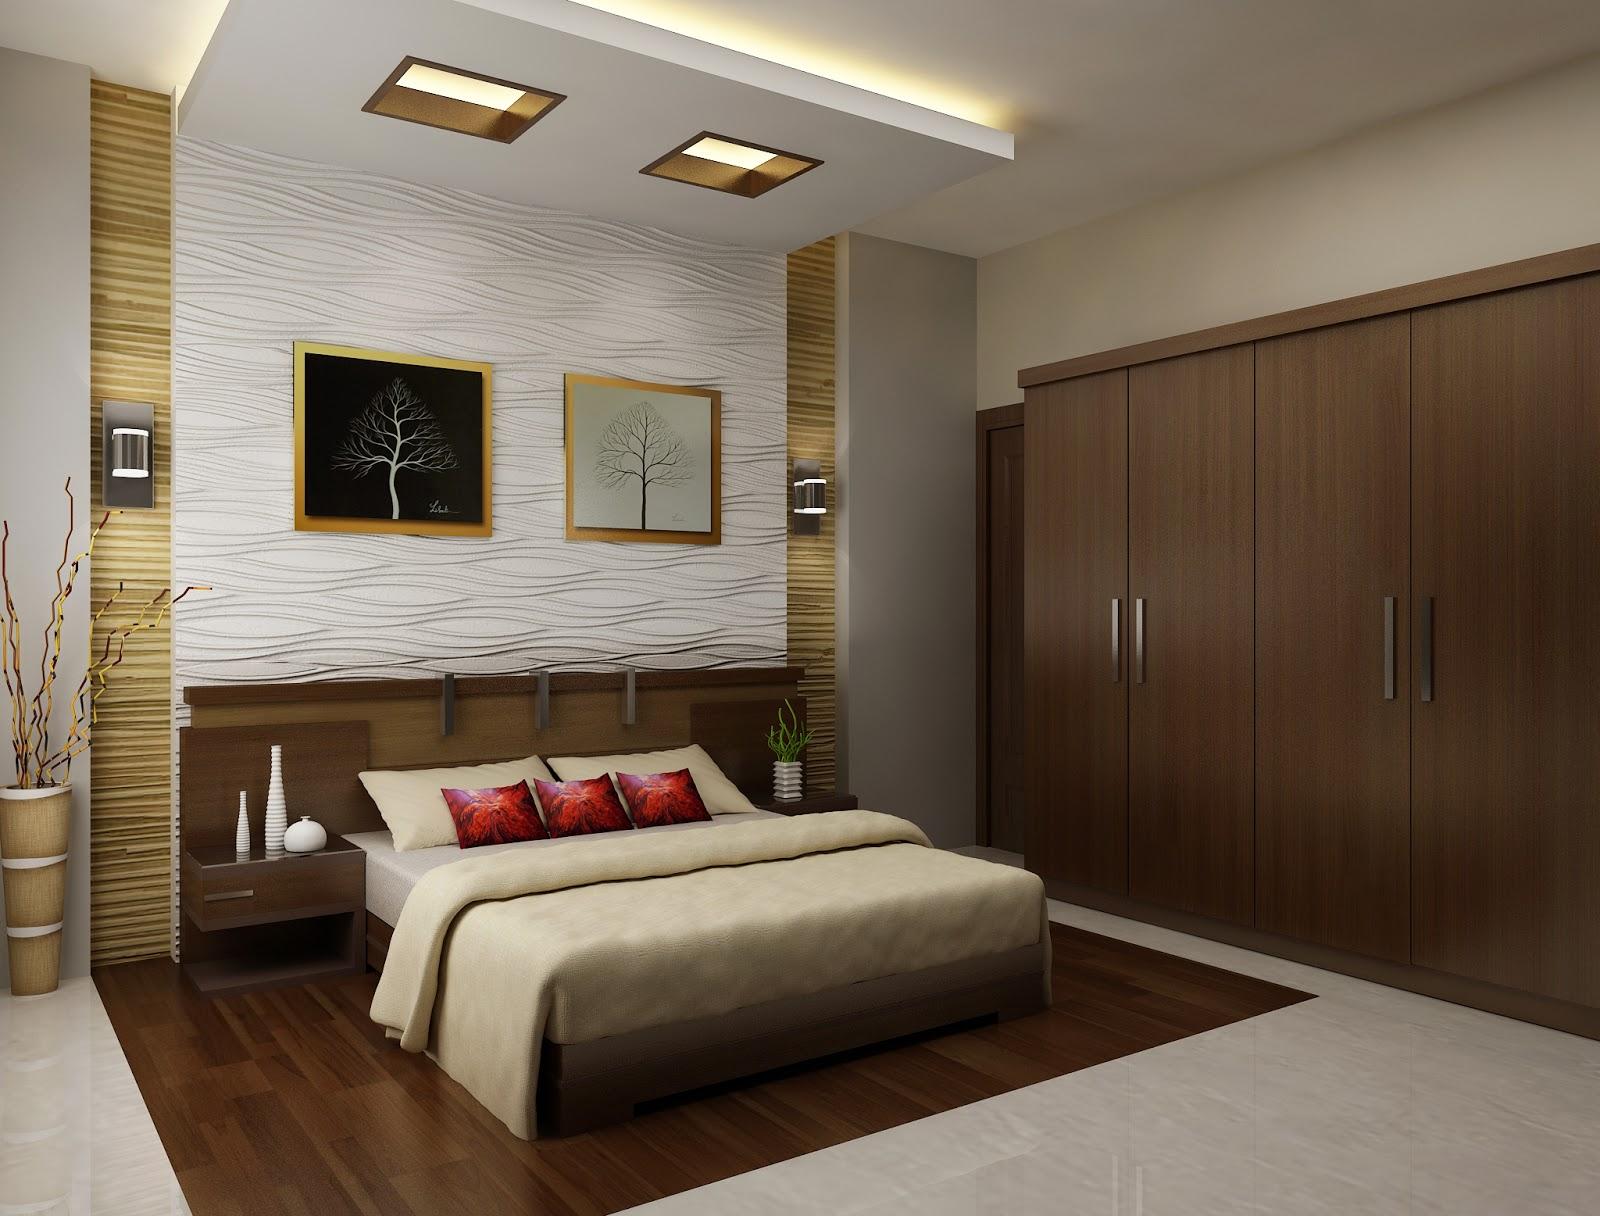 giường phòng ngủ hiện đại